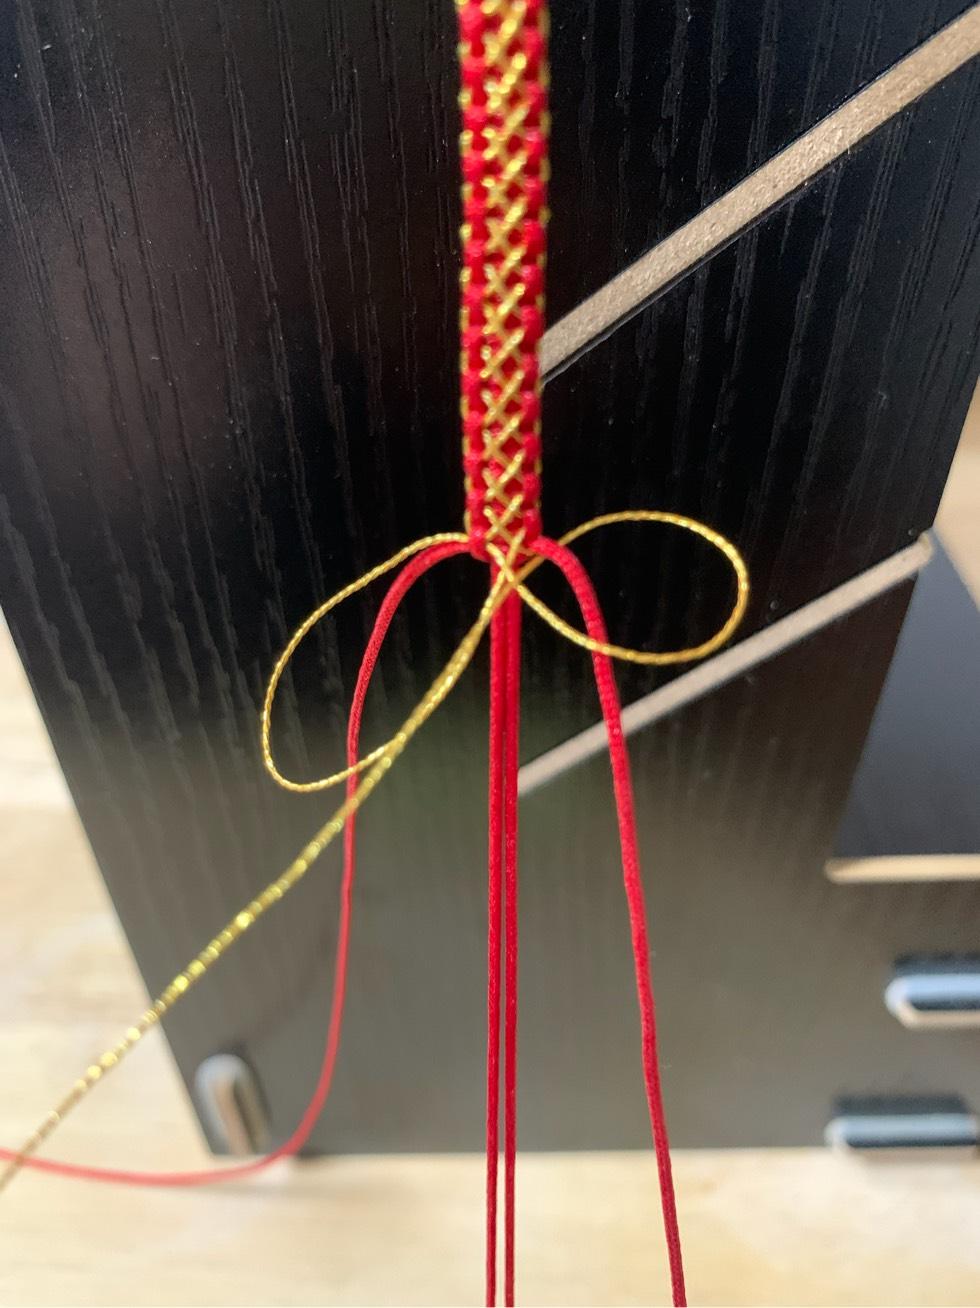 中国结论坛 平结加金线手绳简单编法 一根绳子编法大全简单,金线红绳手链编织,二根绳子各种编法图解,平结加金线的编法,绕金线手链编法 图文教程区 205449efimzhfmutnzmmmz